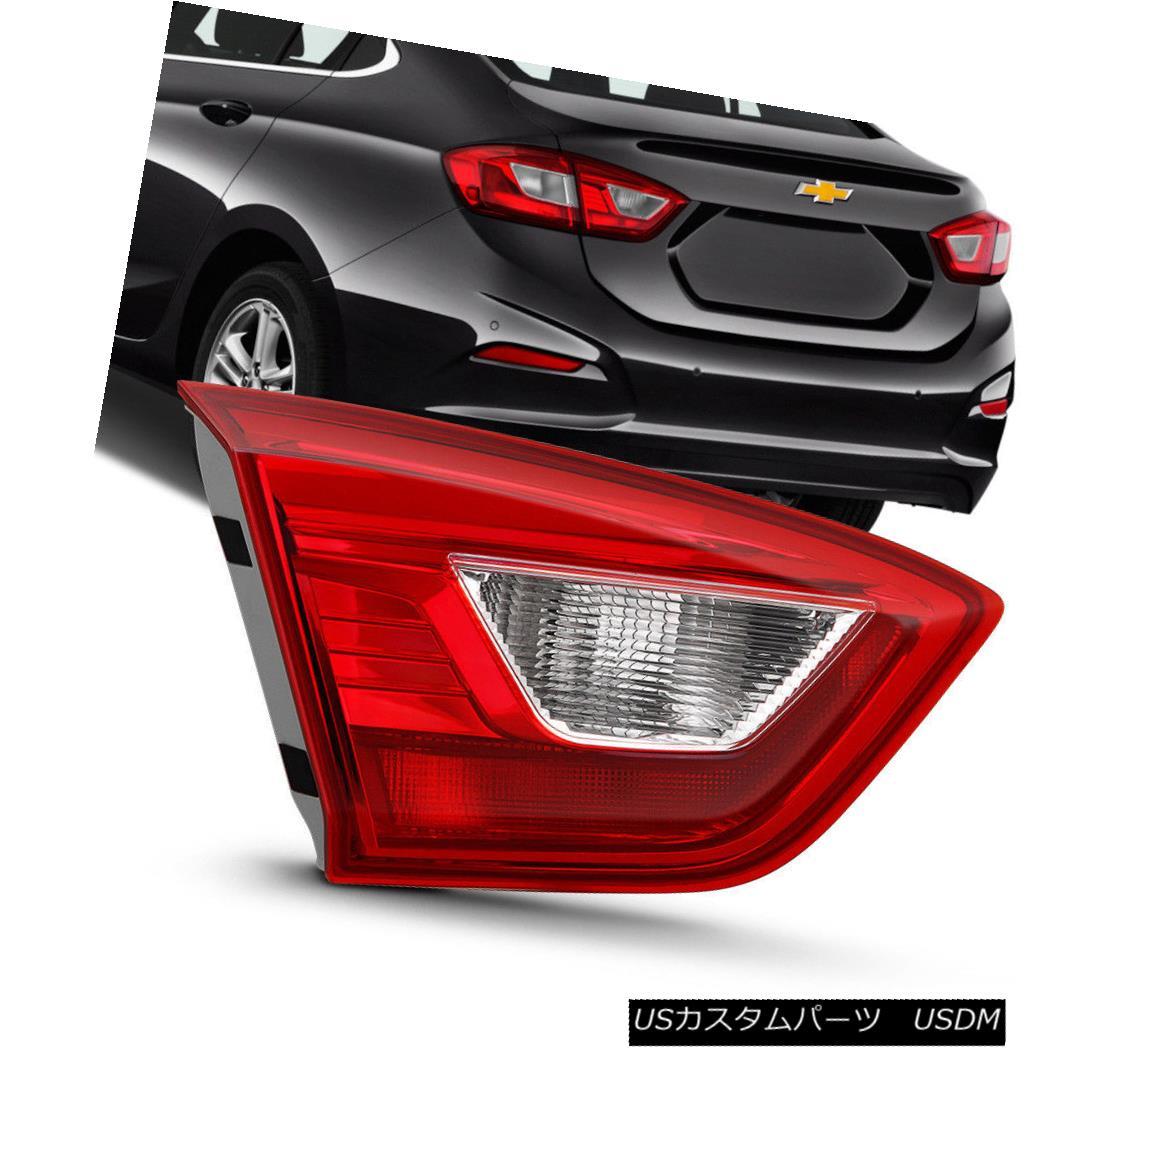 テールライト 16-18 Chevy Cruze Sedan Replacement Left Side Inner Trunk Tail Light Brake Lamp 16-18シボレークルーズセダン交換左側サイドトランクテールライトブレーキランプ